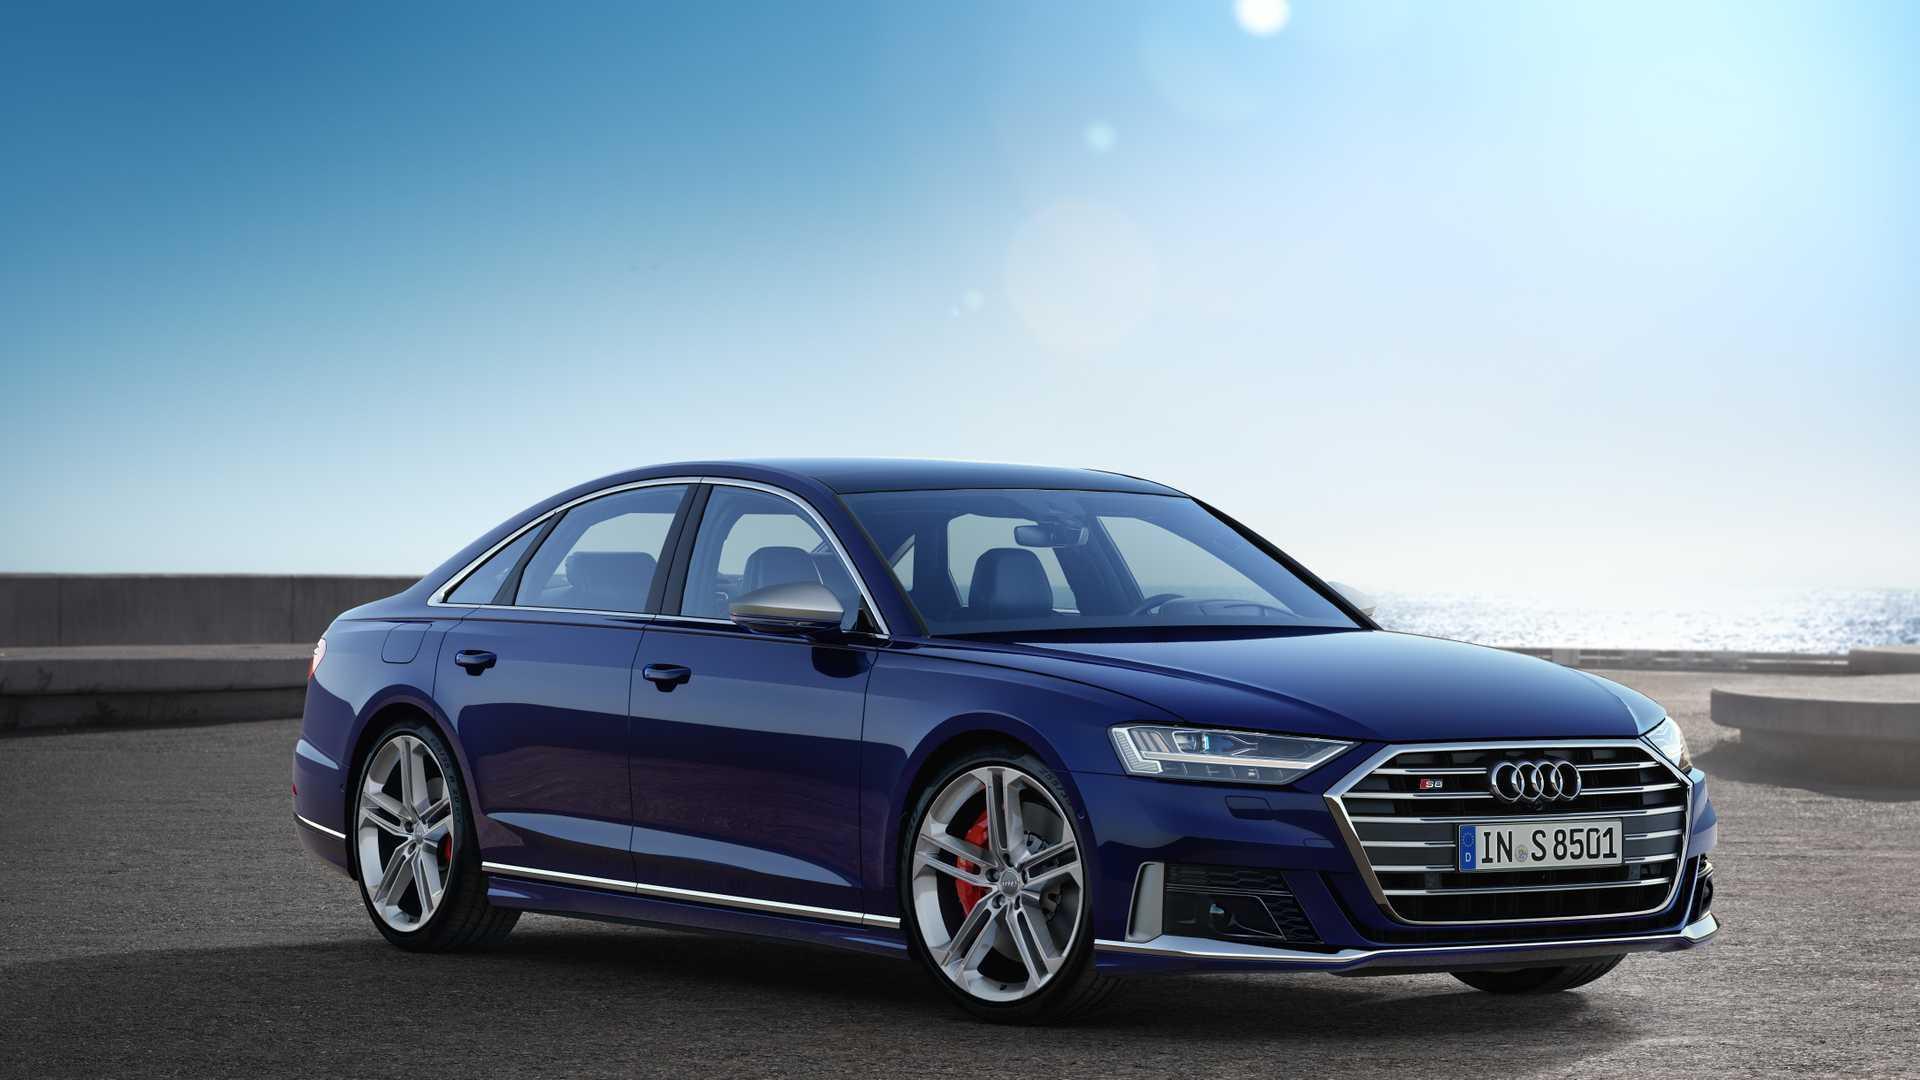 Neuer Audi S8: Hightech-Limousine mit V8-Benziner